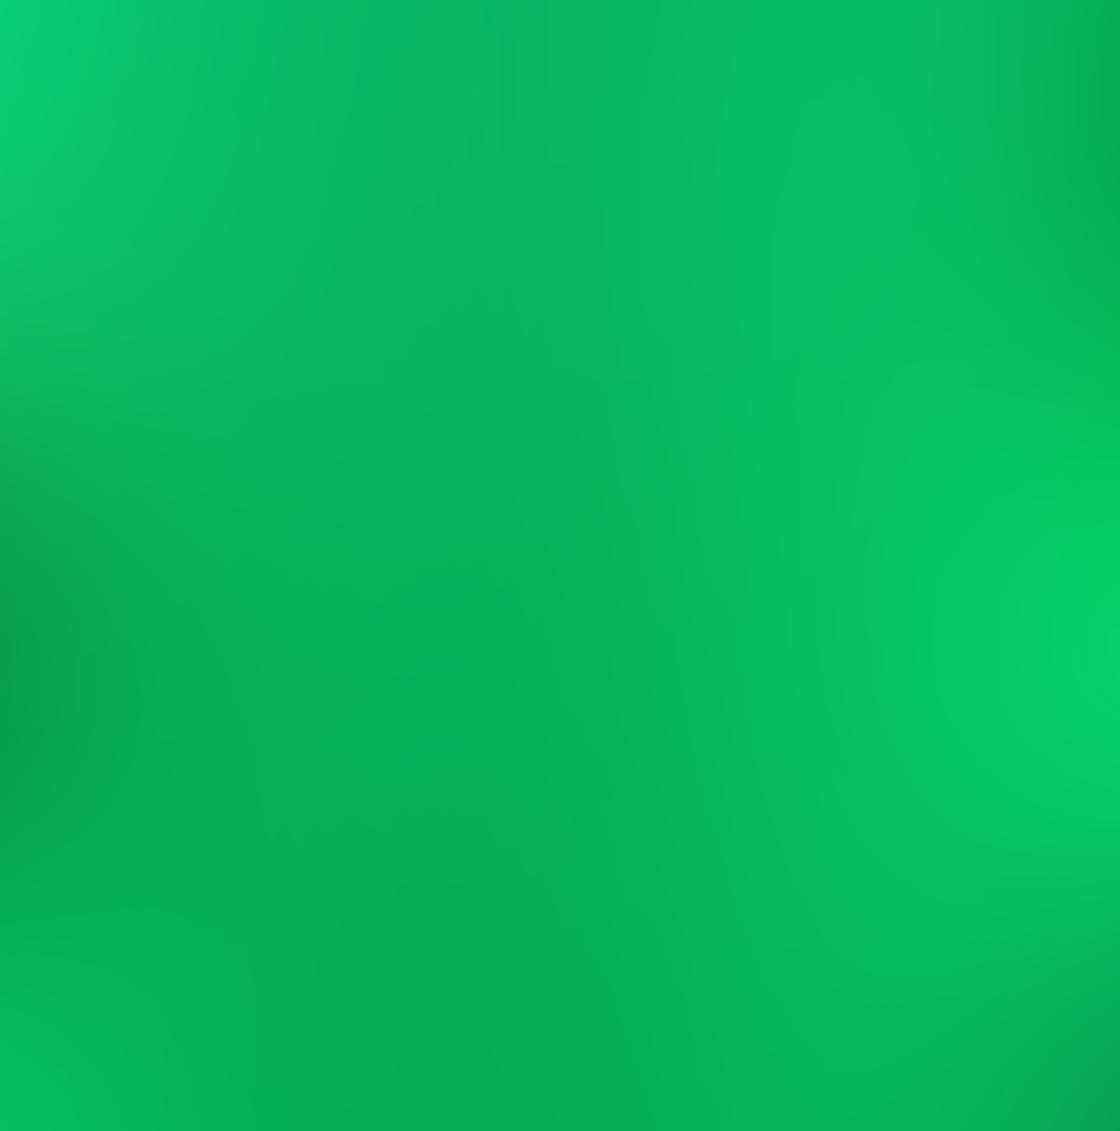 green_iphone_photos-27